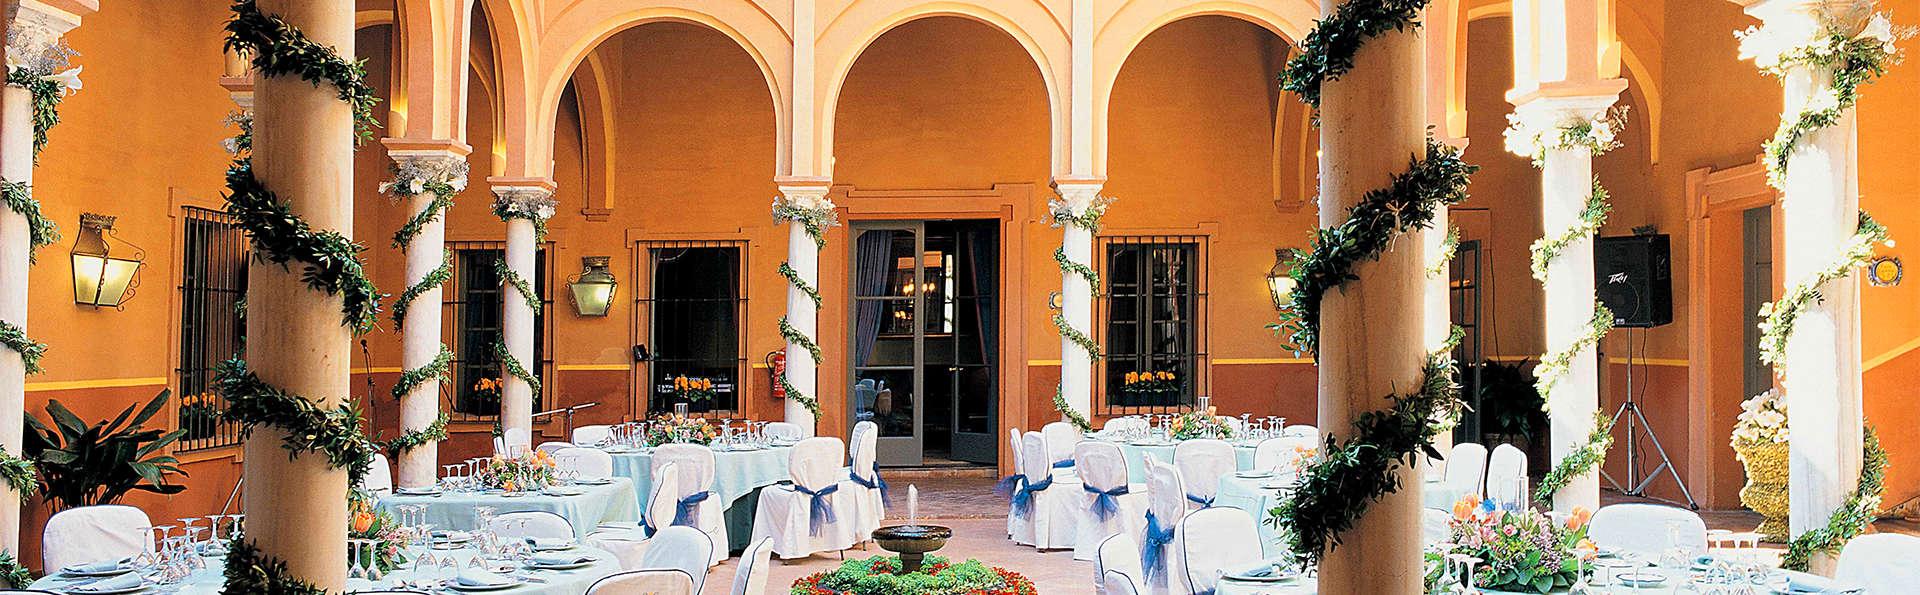 Week-end avec dîner : Découvrez un palais du XVIème siècle à Carmona